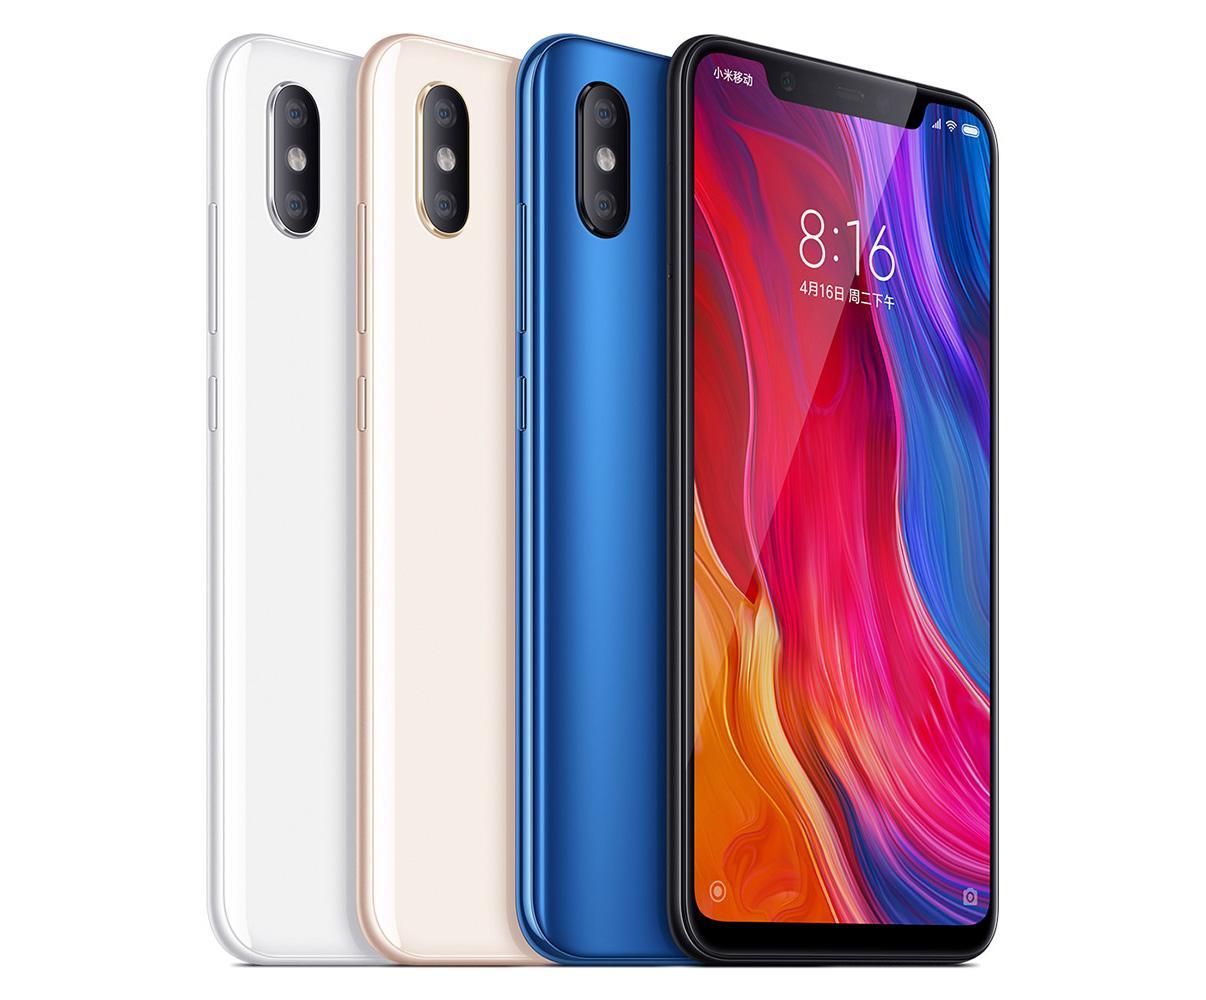 Alle Xiaomi Flagschiffe (845er) | Übersicht aller Angebote - Aus CN und EU!